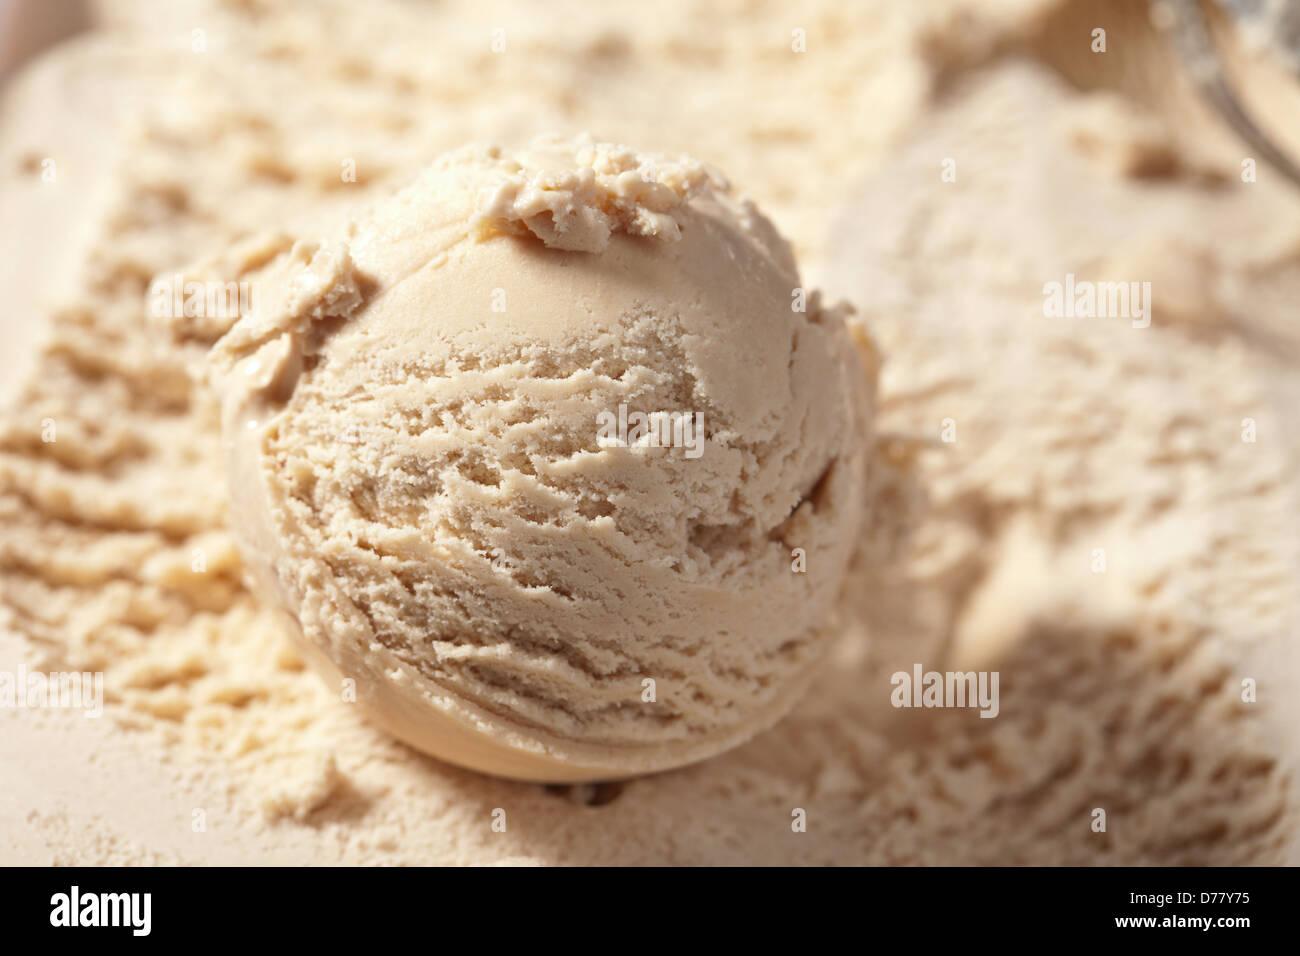 ice cream - Stock Image